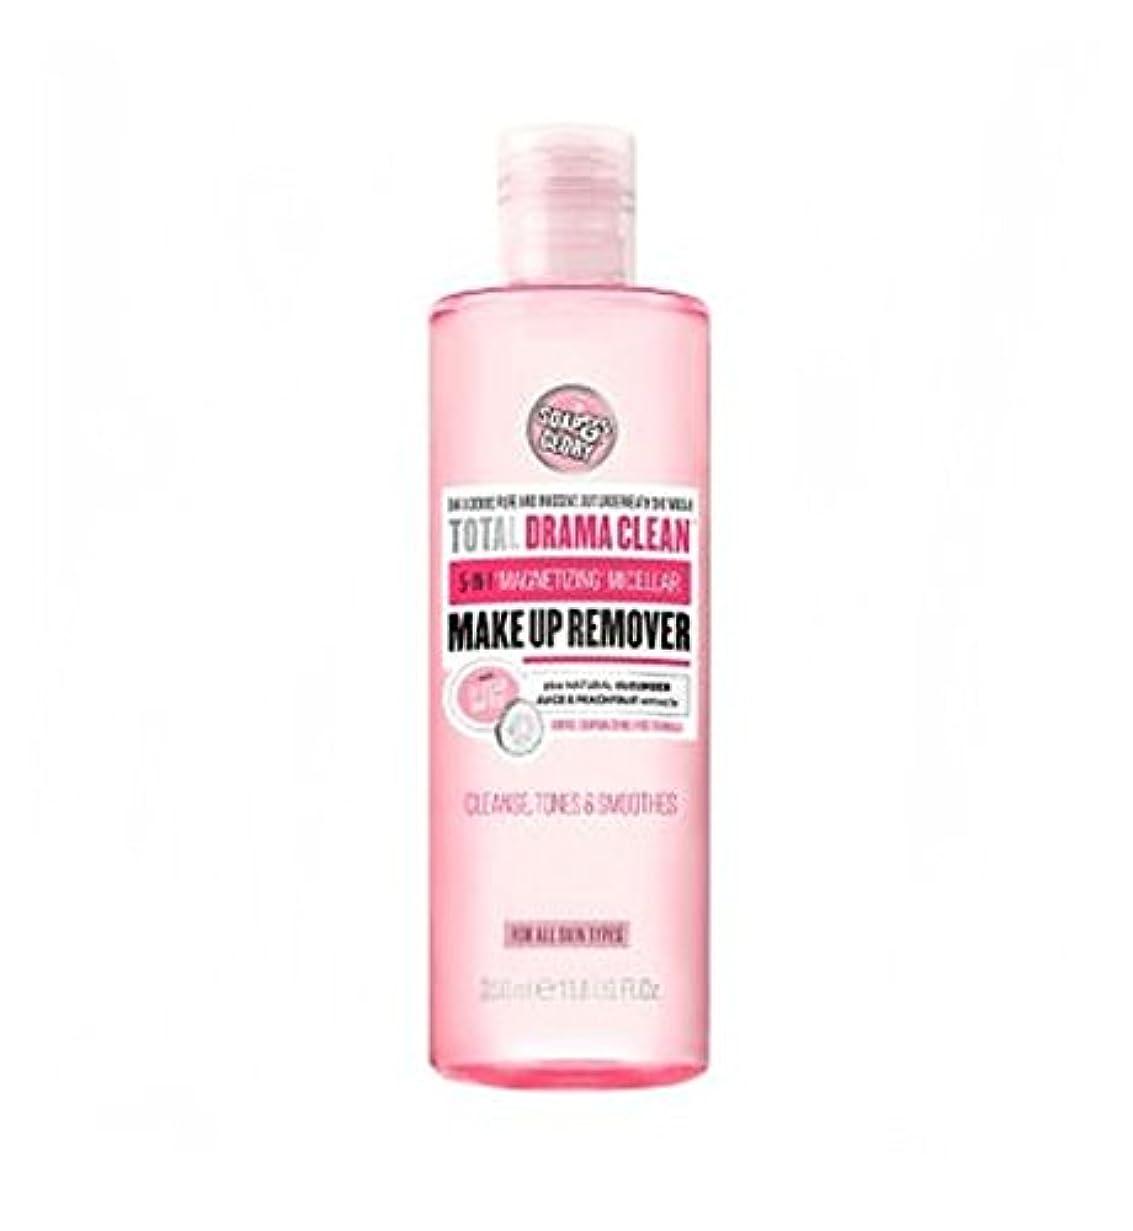 デマンドゆでる差別する石鹸&栄光のドラマクリーン?5-In-1のミセル洗浄水350ミリリットル (Soap & Glory) (x2) - Soap & Glory DRAMA CLEAN? 5-in-1 Micellar Cleansing...